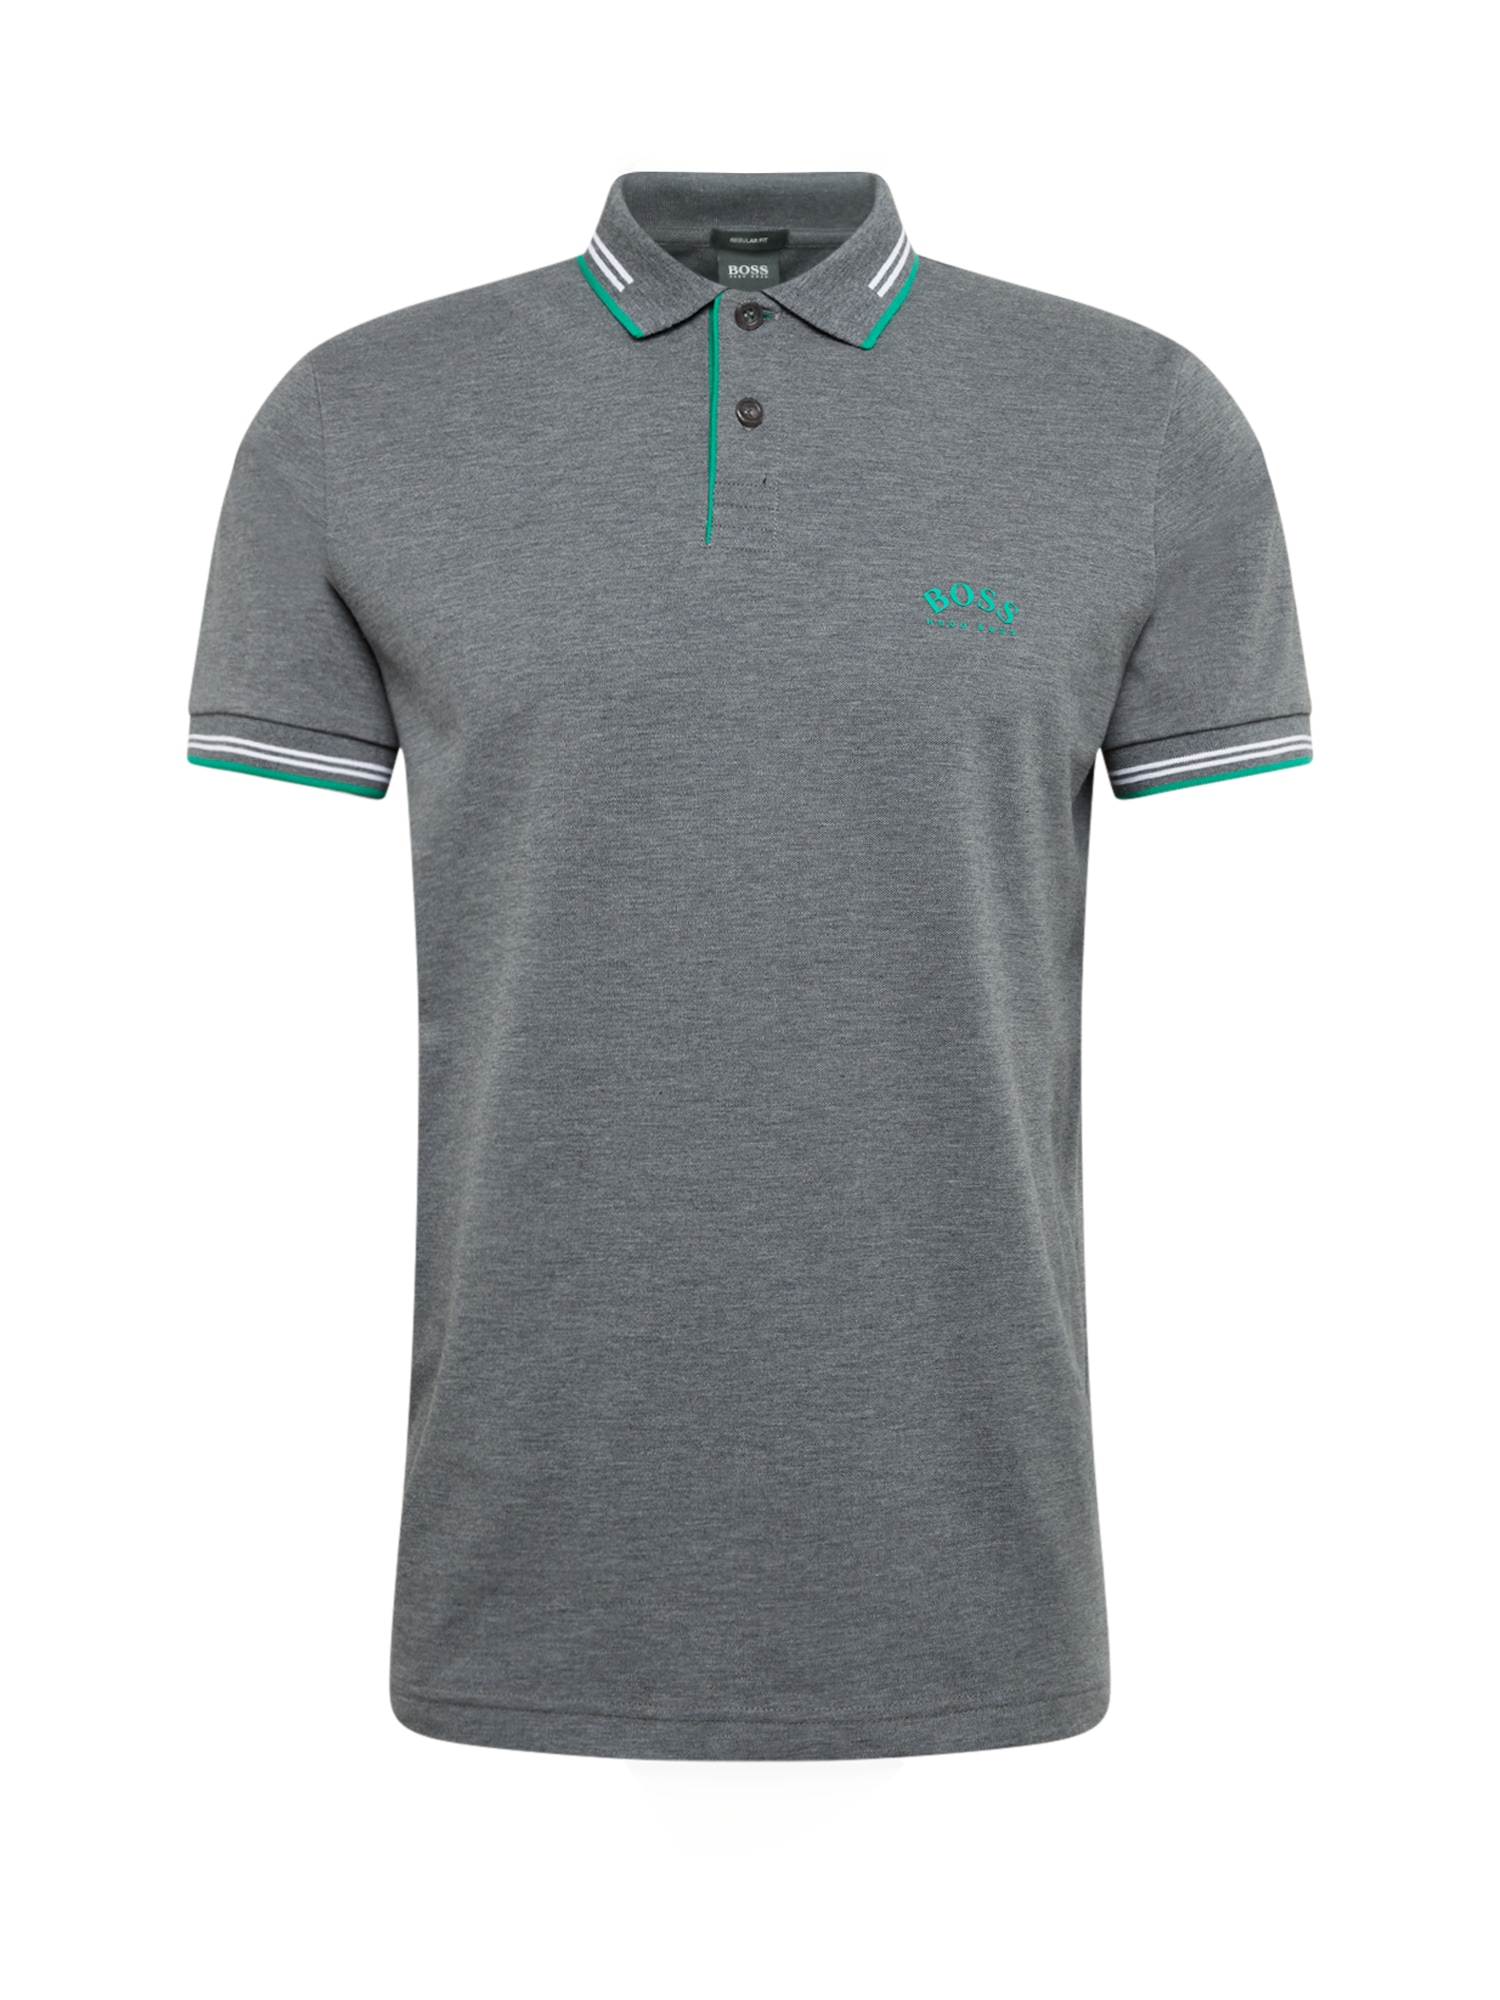 BOSS ATHLEISURE Marškinėliai 'Paul Curved' pilka